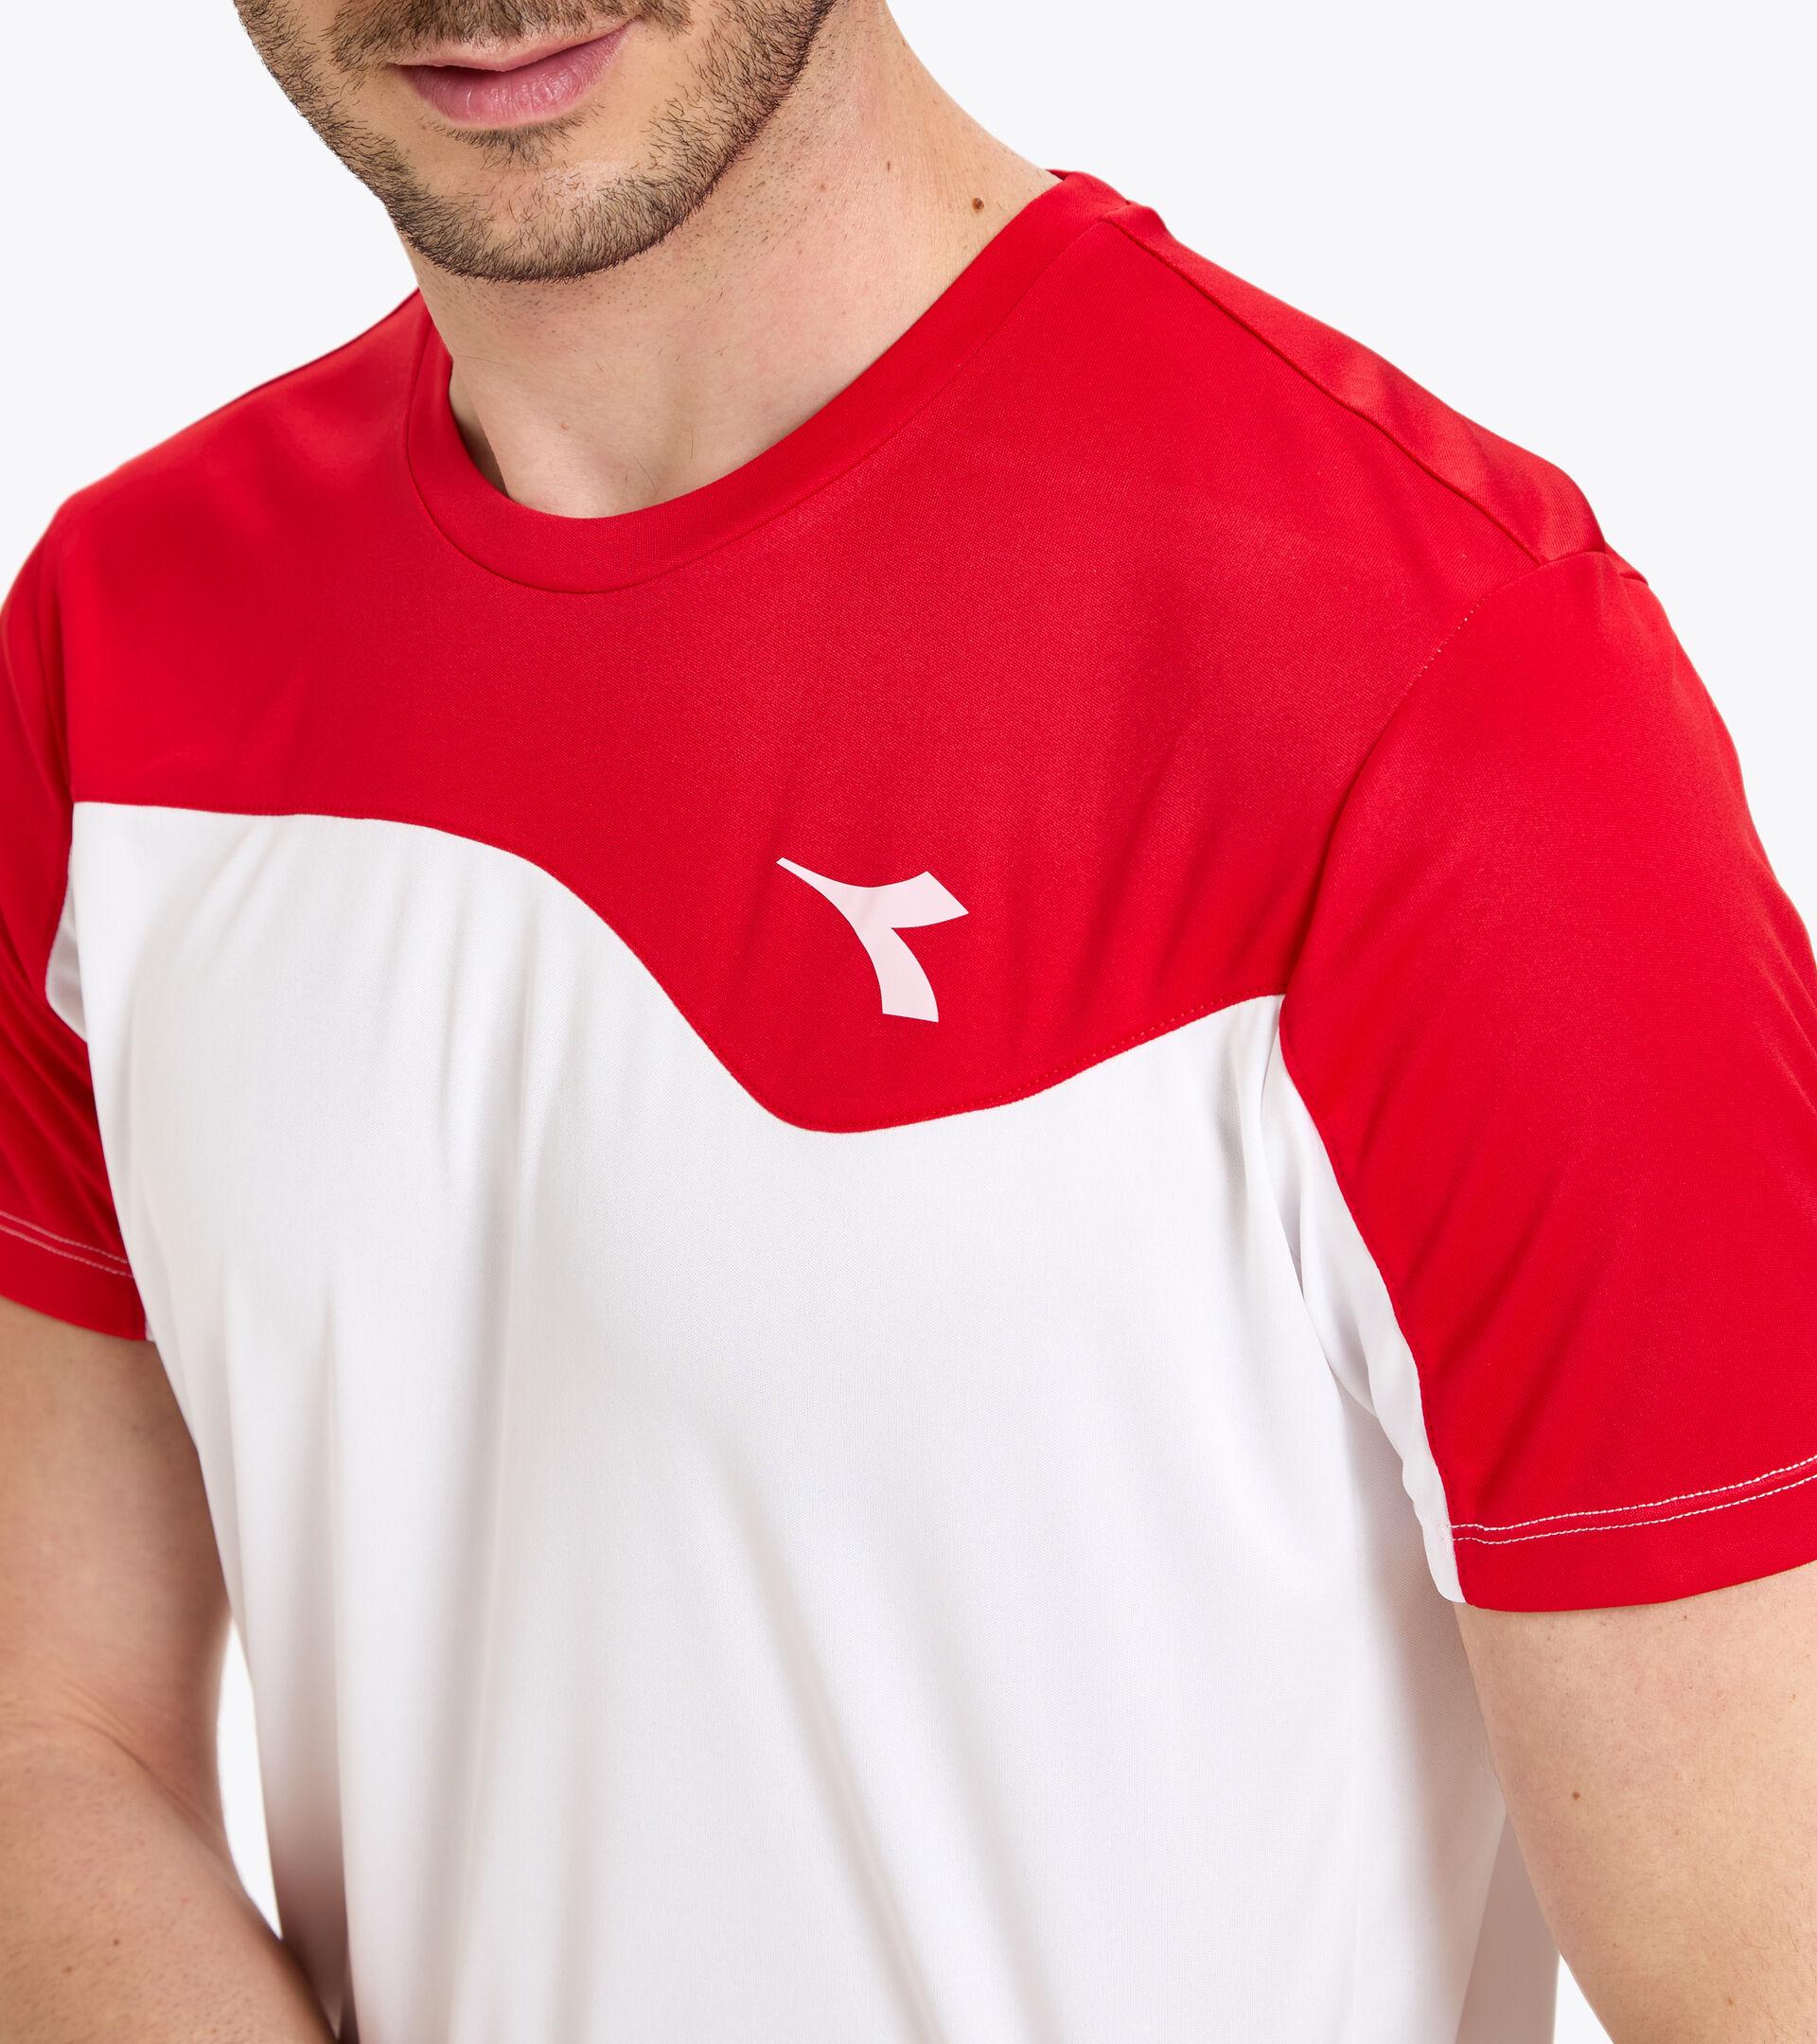 Apparel Sport UOMO T-SHIRT TEAM ROJO TOMATE Diadora